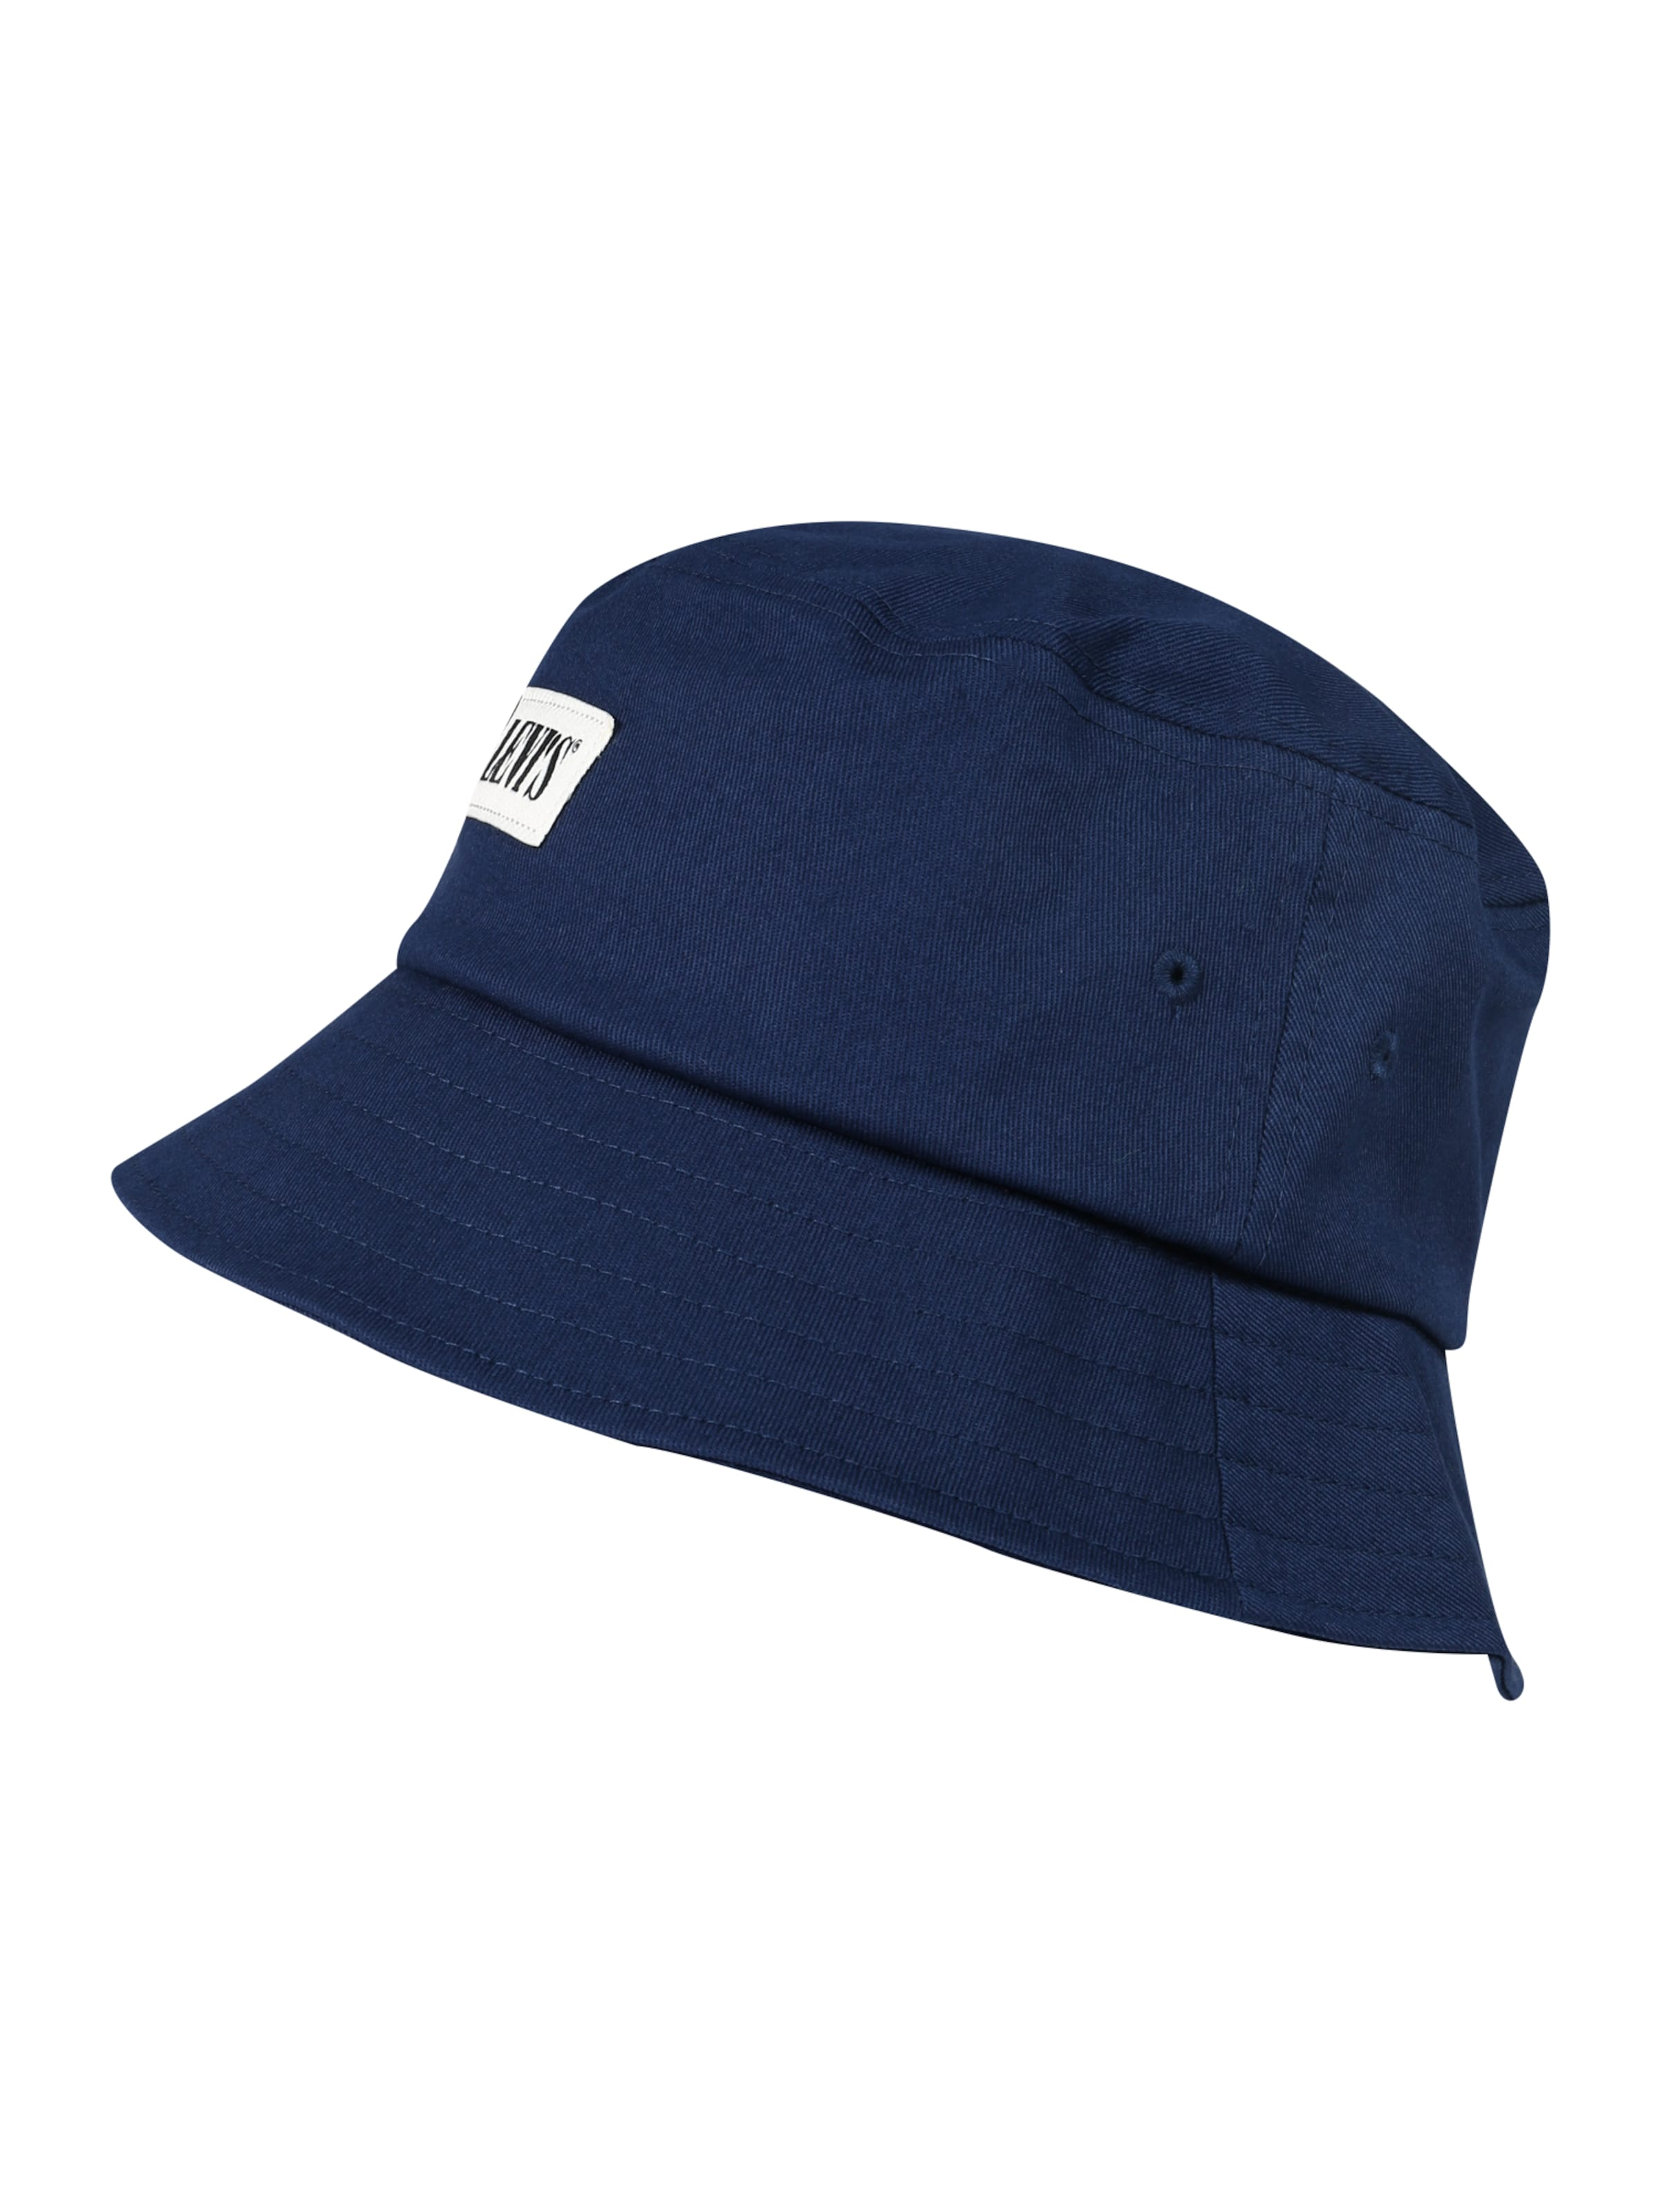 LEVI'S Hatt i marinblå